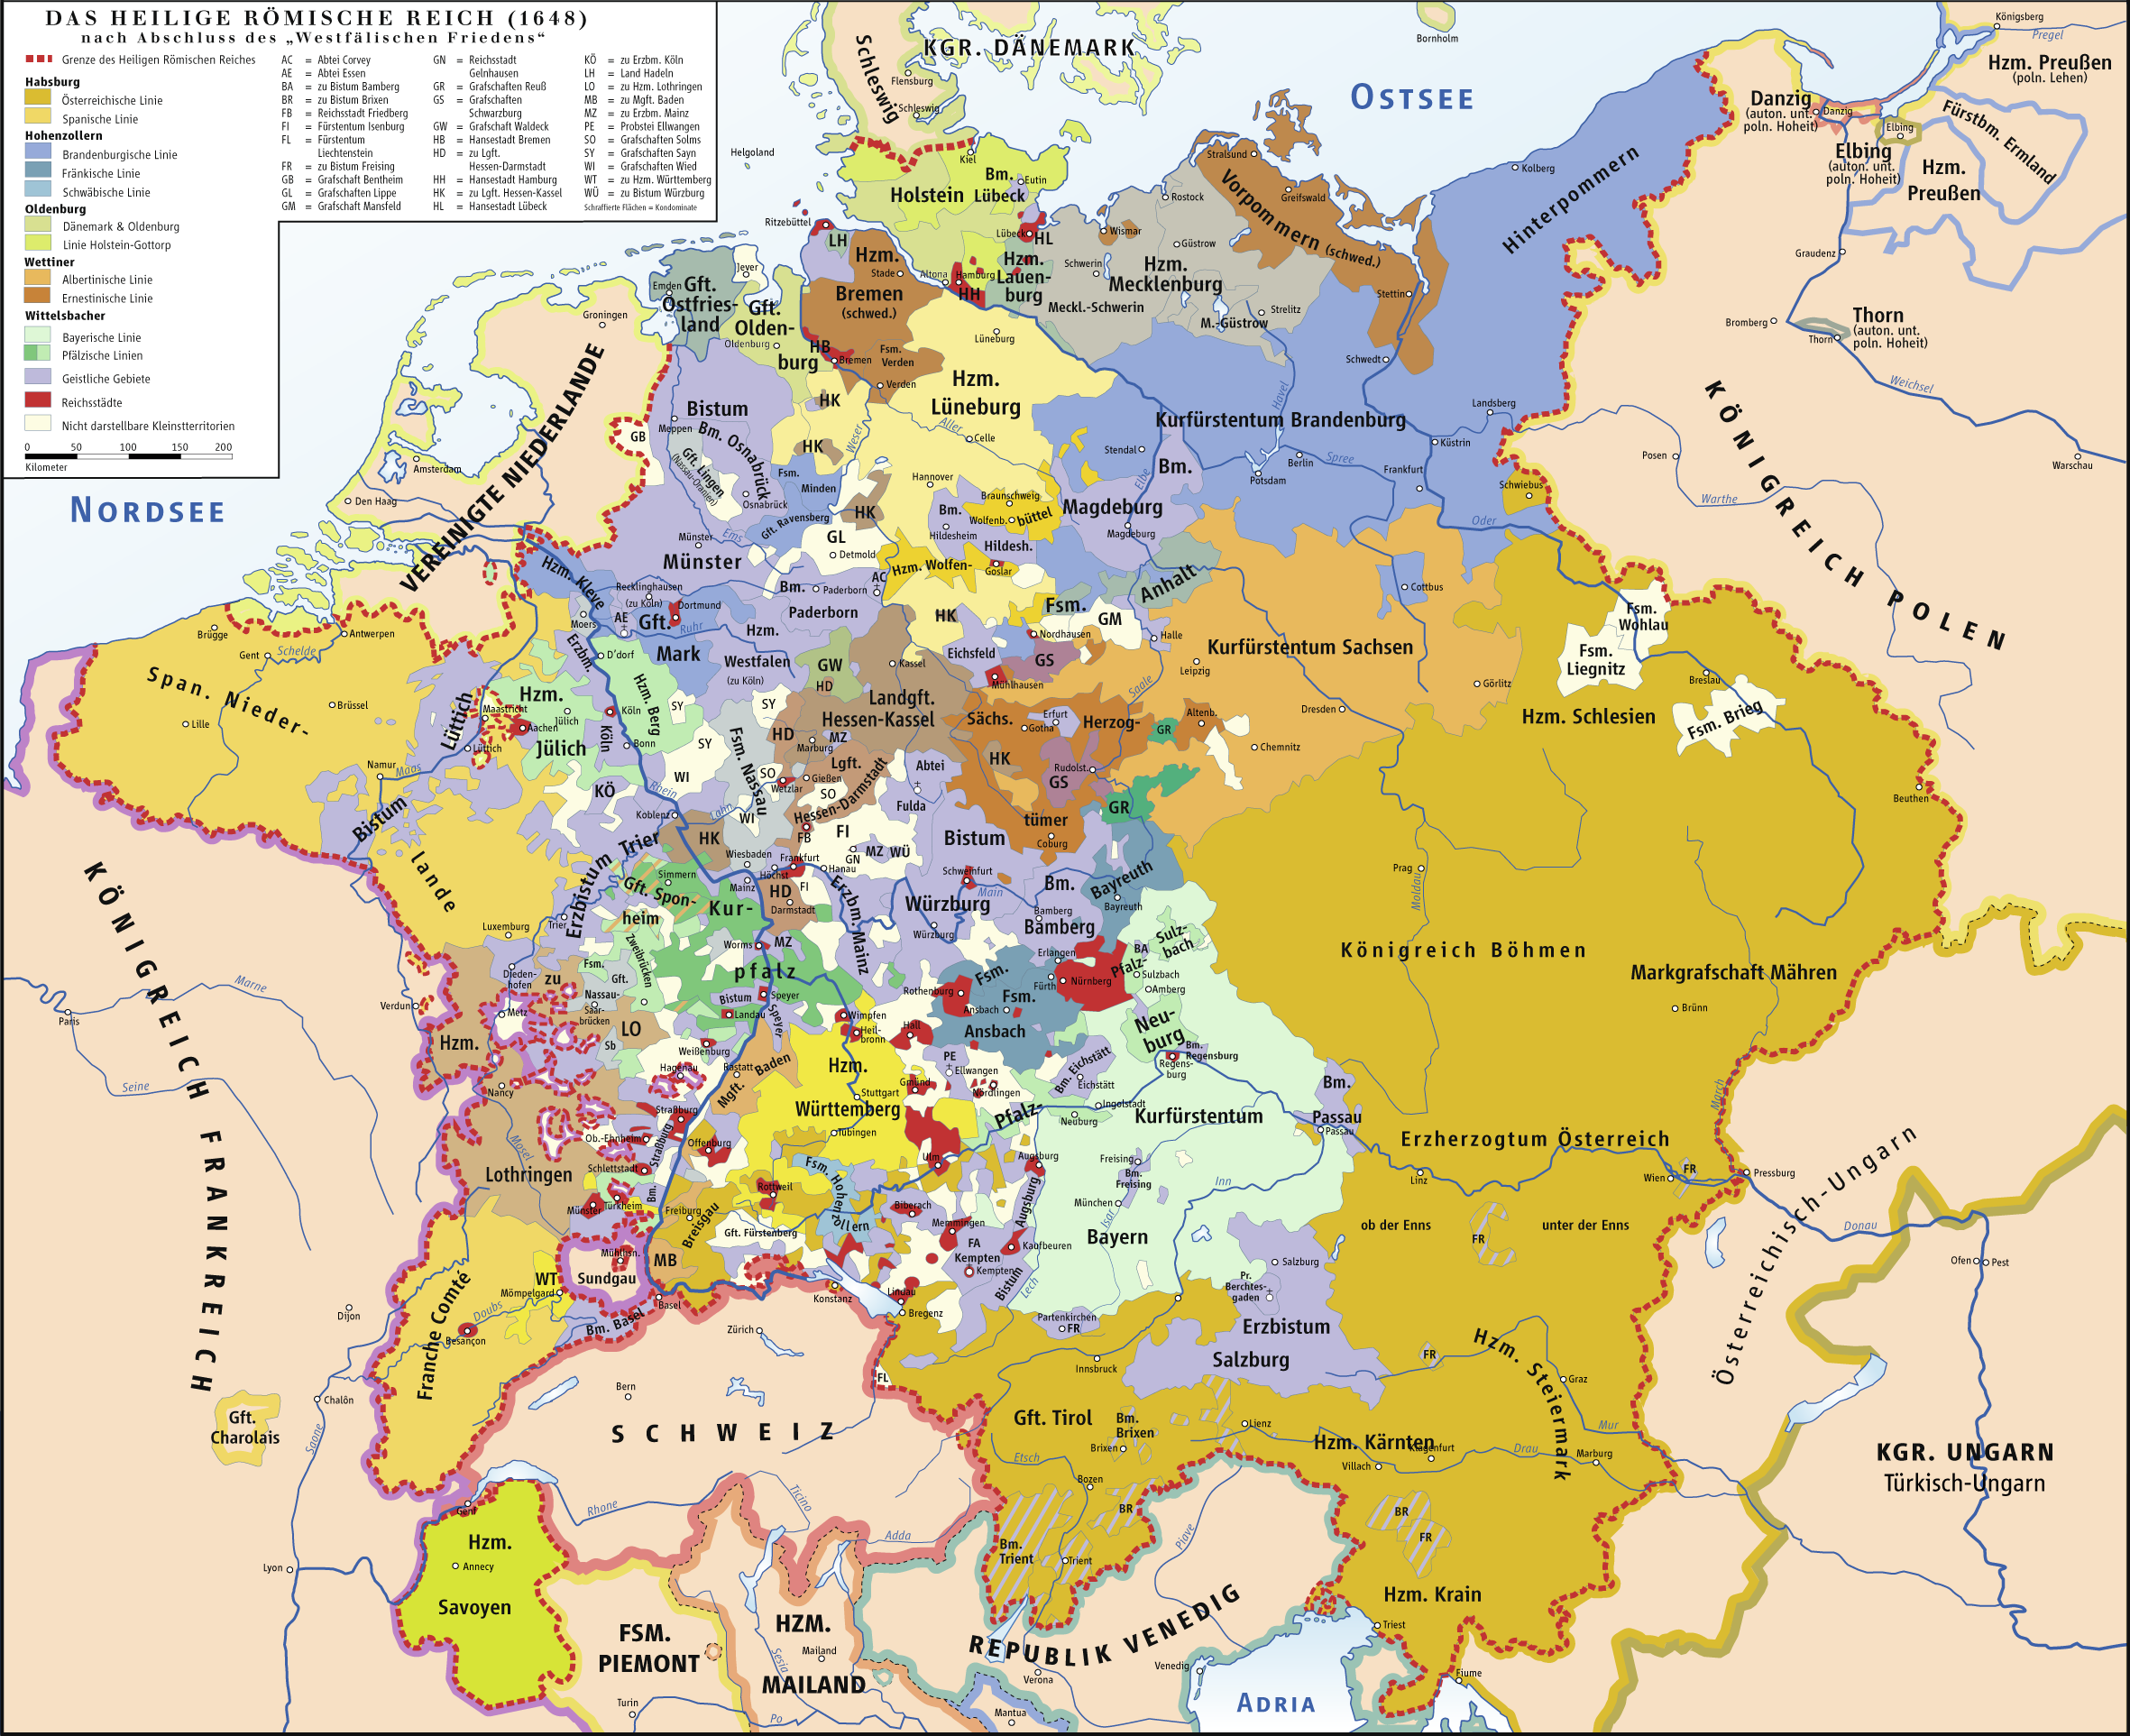 Carte simplifiée du Saint-Empire romain germanique